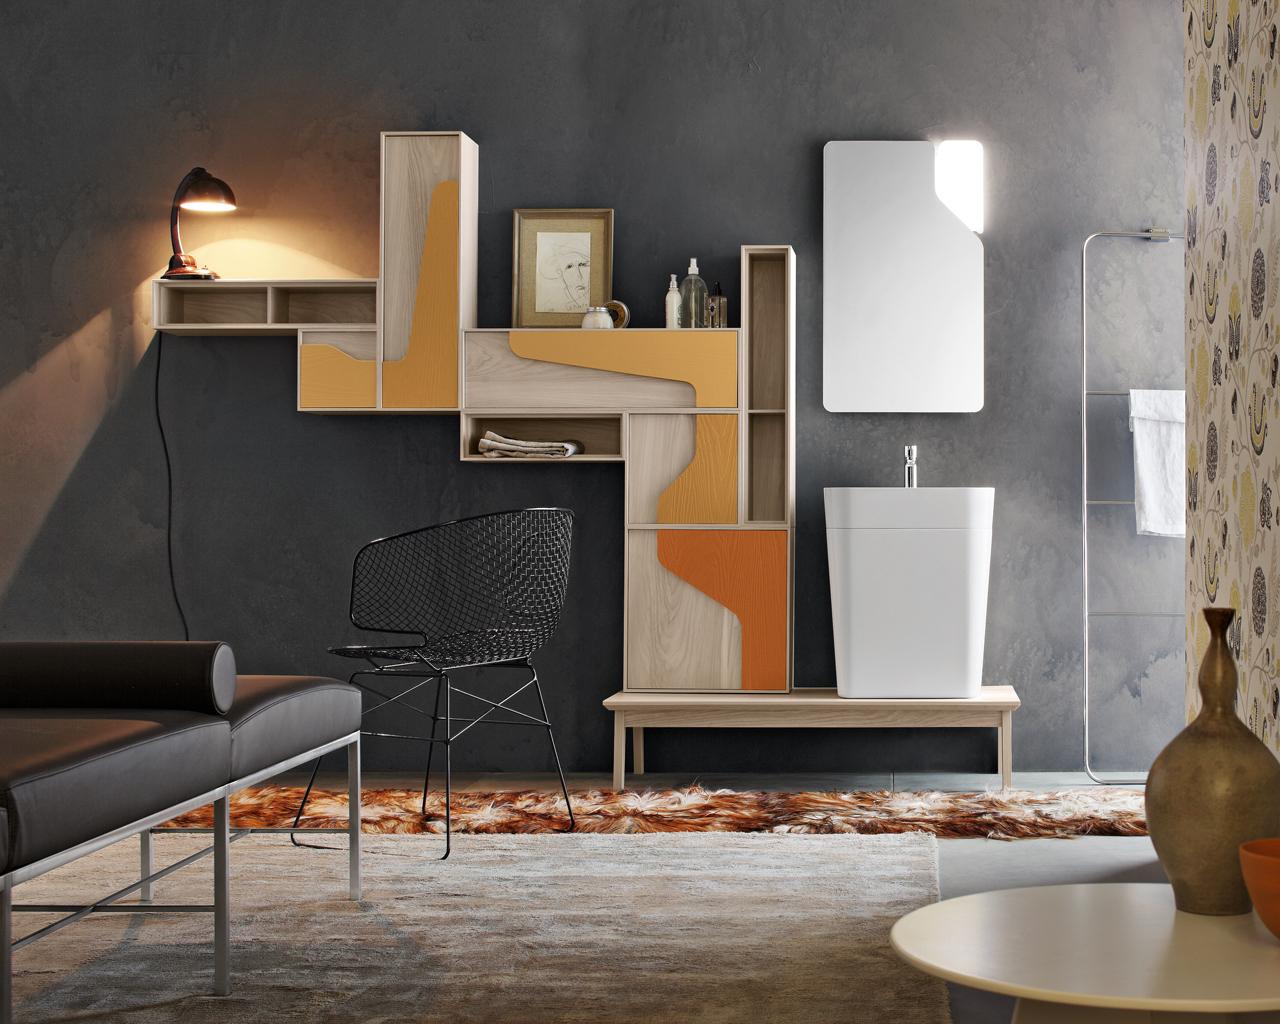 Una stanza da bagno vintage in stile anni 50 for Arredamento gratis